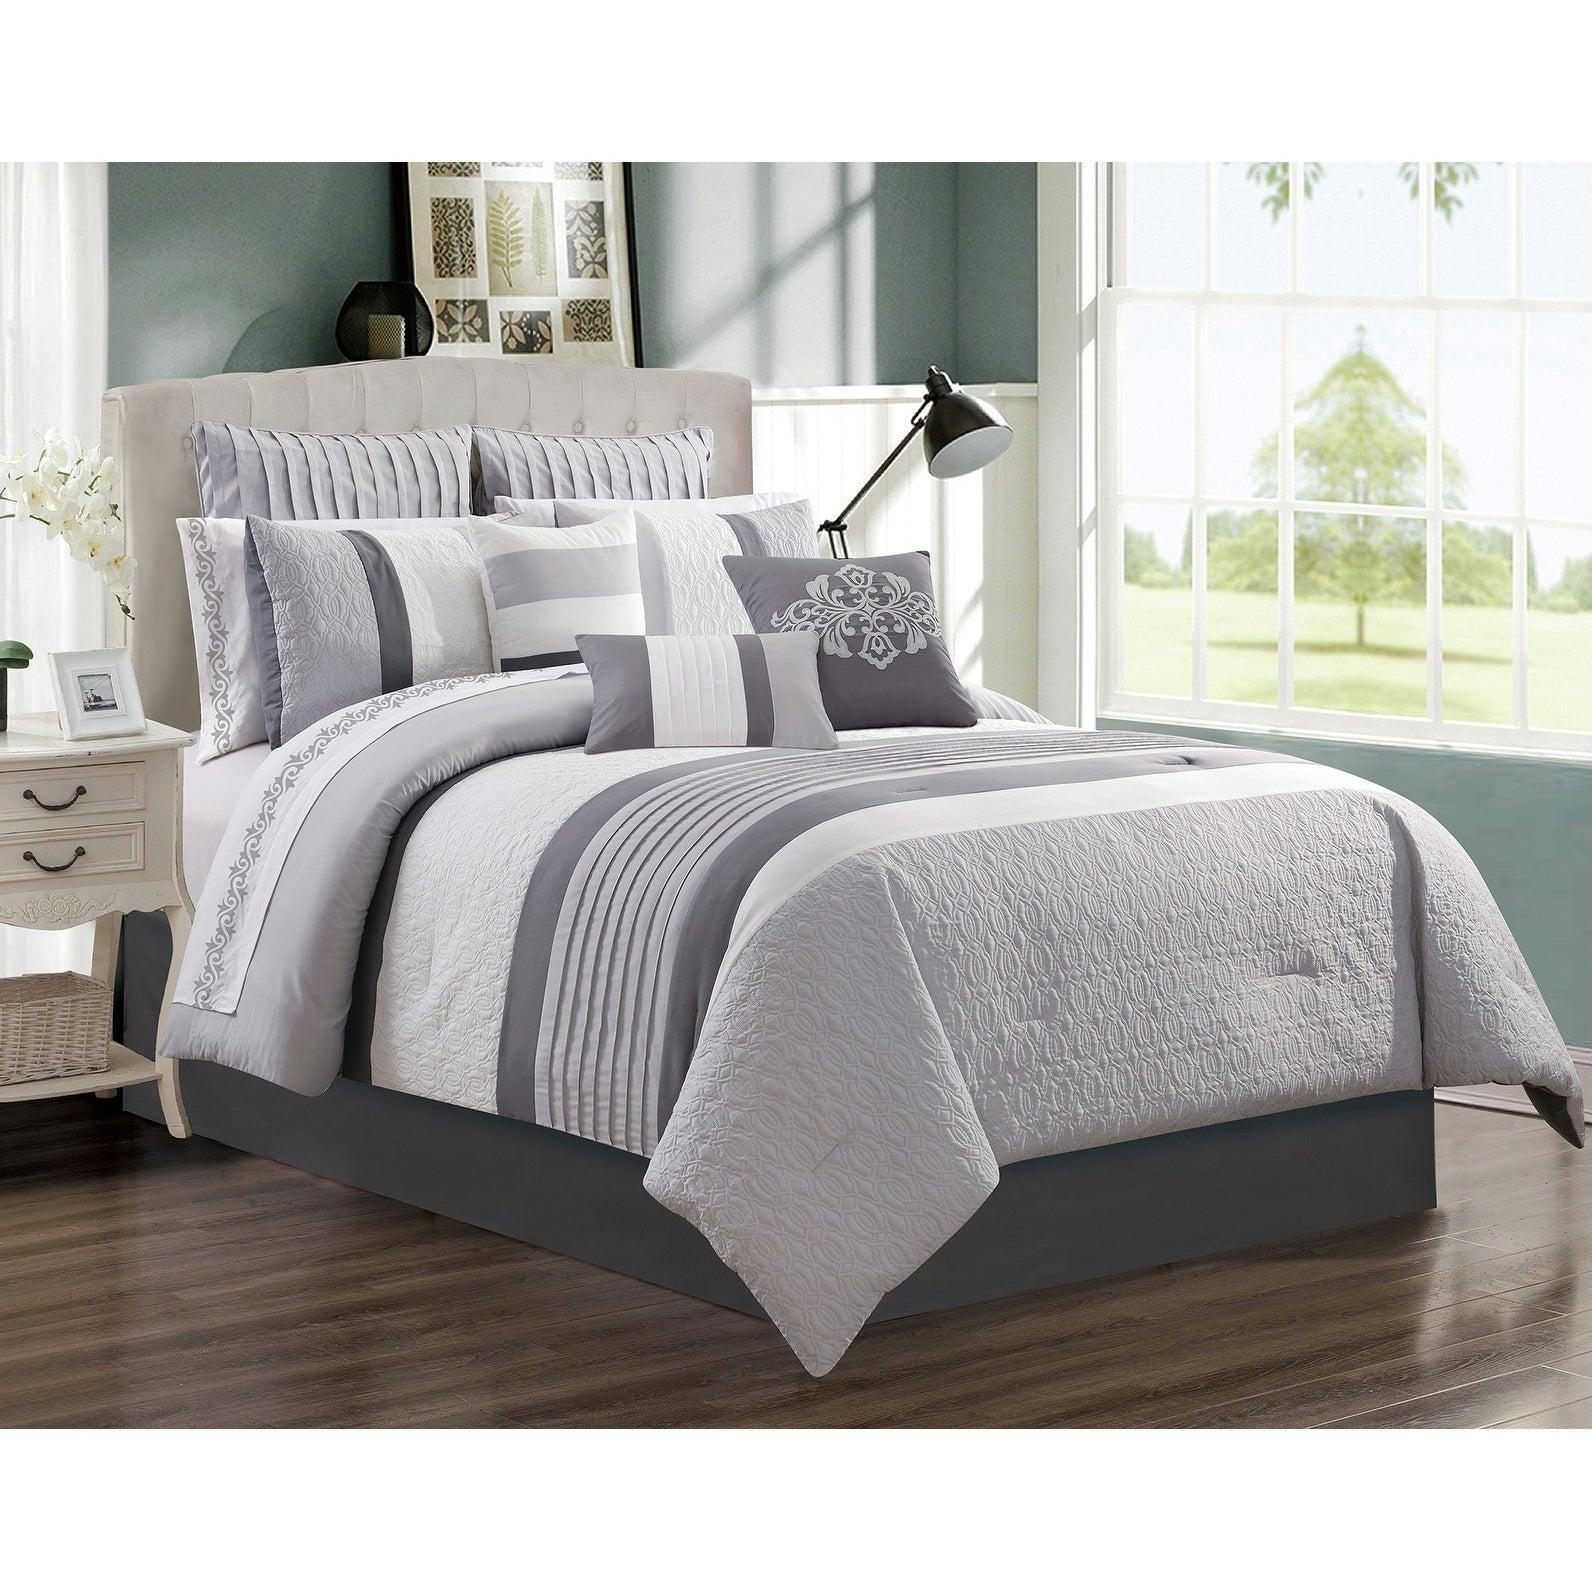 Shop Comforter Set 7 Piece Wov Queen Kane On Sale Overstock